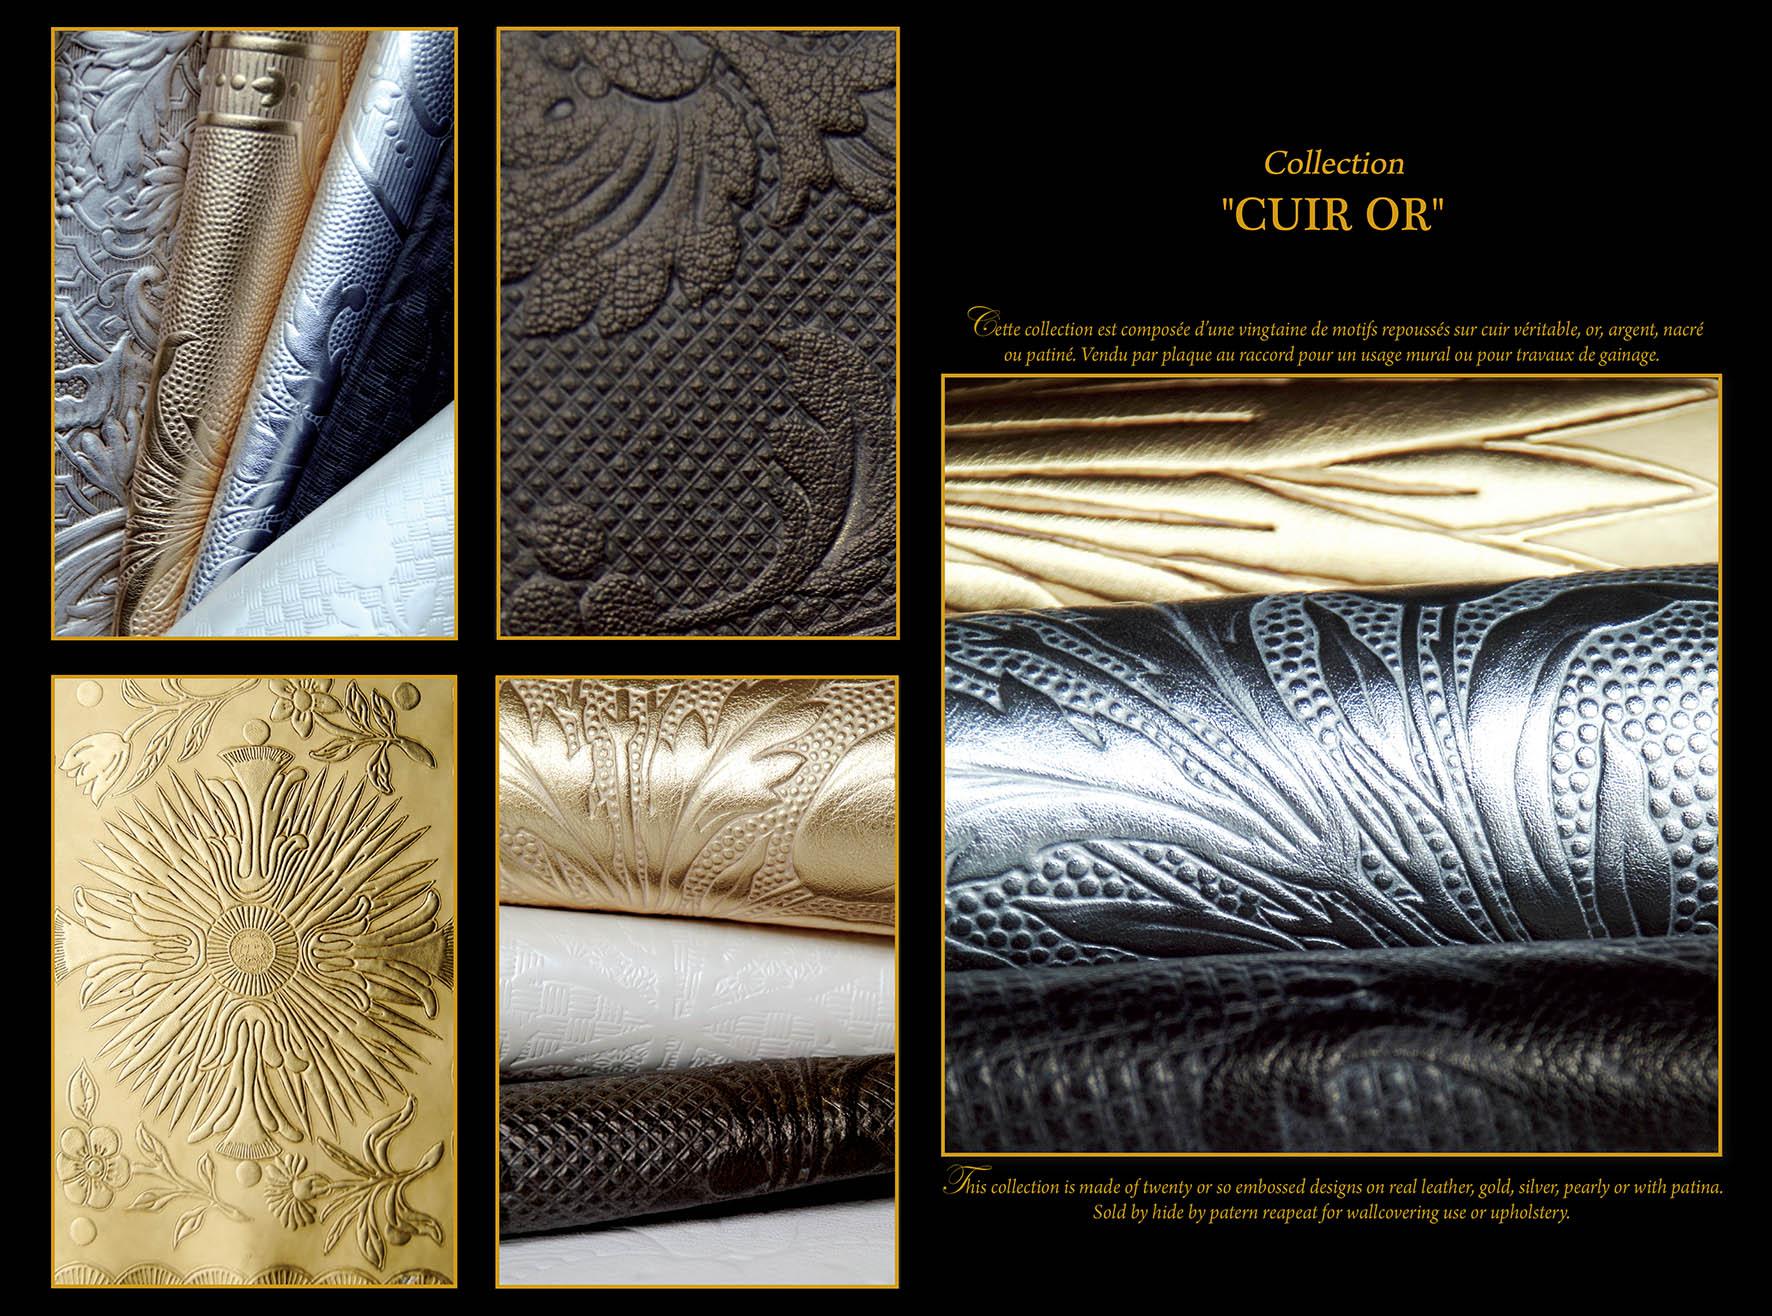 Cuir or